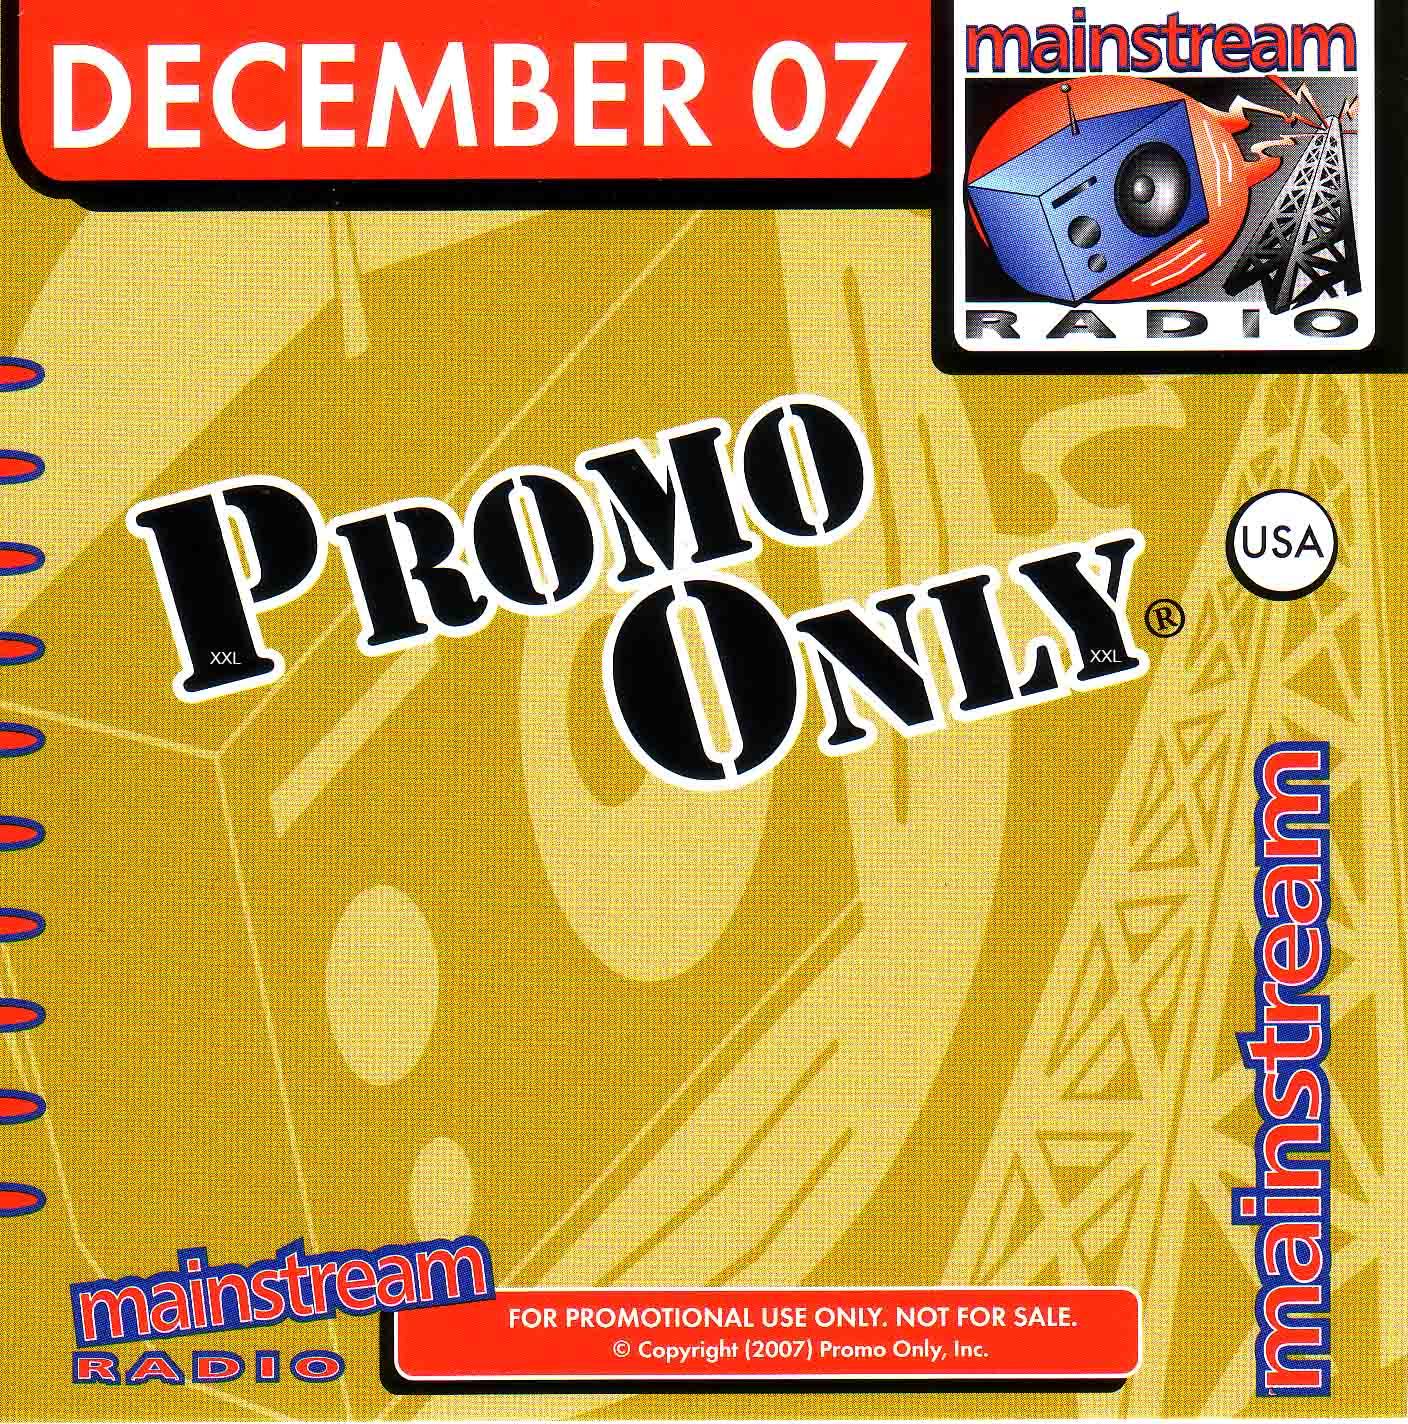 http://1.bp.blogspot.com/_9cw-jhhRBE4/TL8umE-TX3I/AAAAAAAAF-M/iOdHKhpVRNs/s1600/00-va-promo_only_mainstream_radio_december-2007-front.jpg